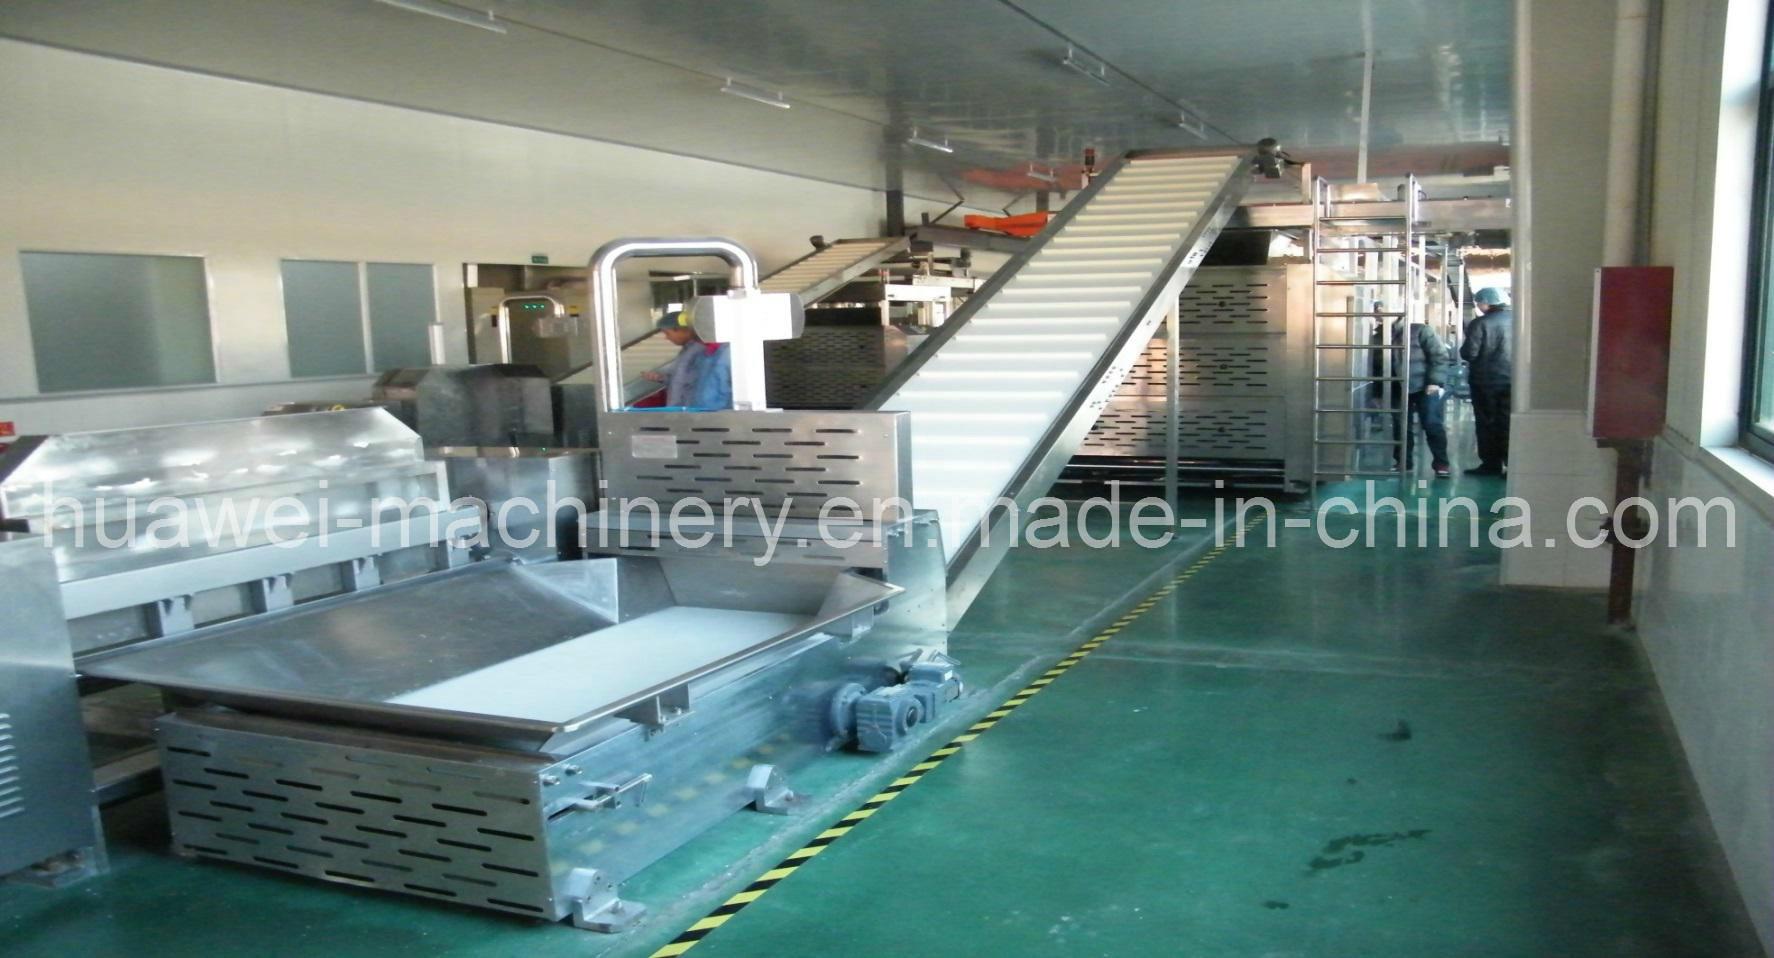 Biscuit Dough Conveyer, Dough Cutting Machine